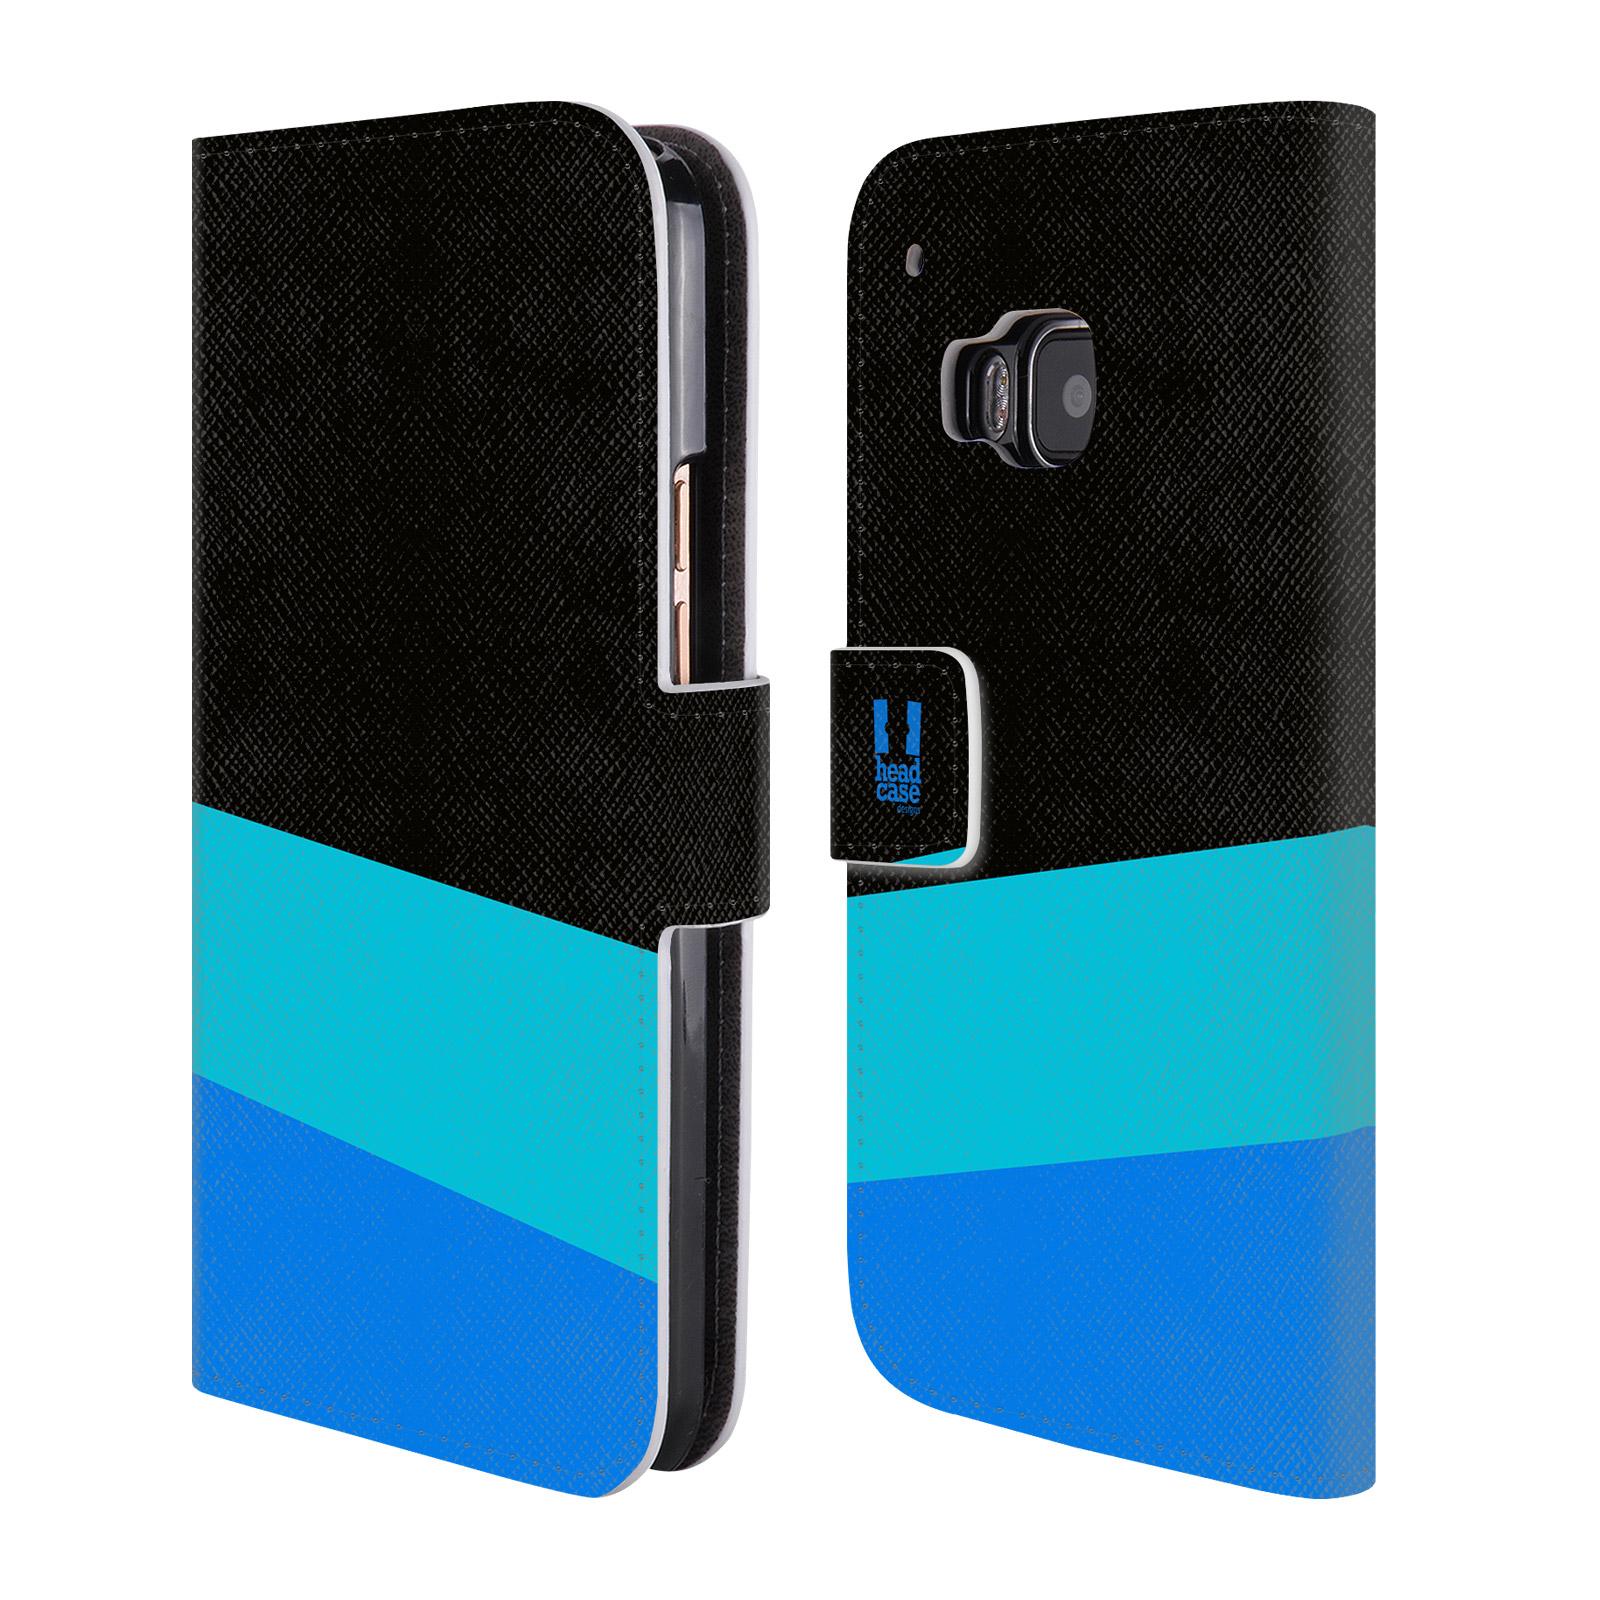 HEAD CASE Flipové pouzdro pro mobil HTC ONE M9 barevné tvary modrá a černá FORMAL